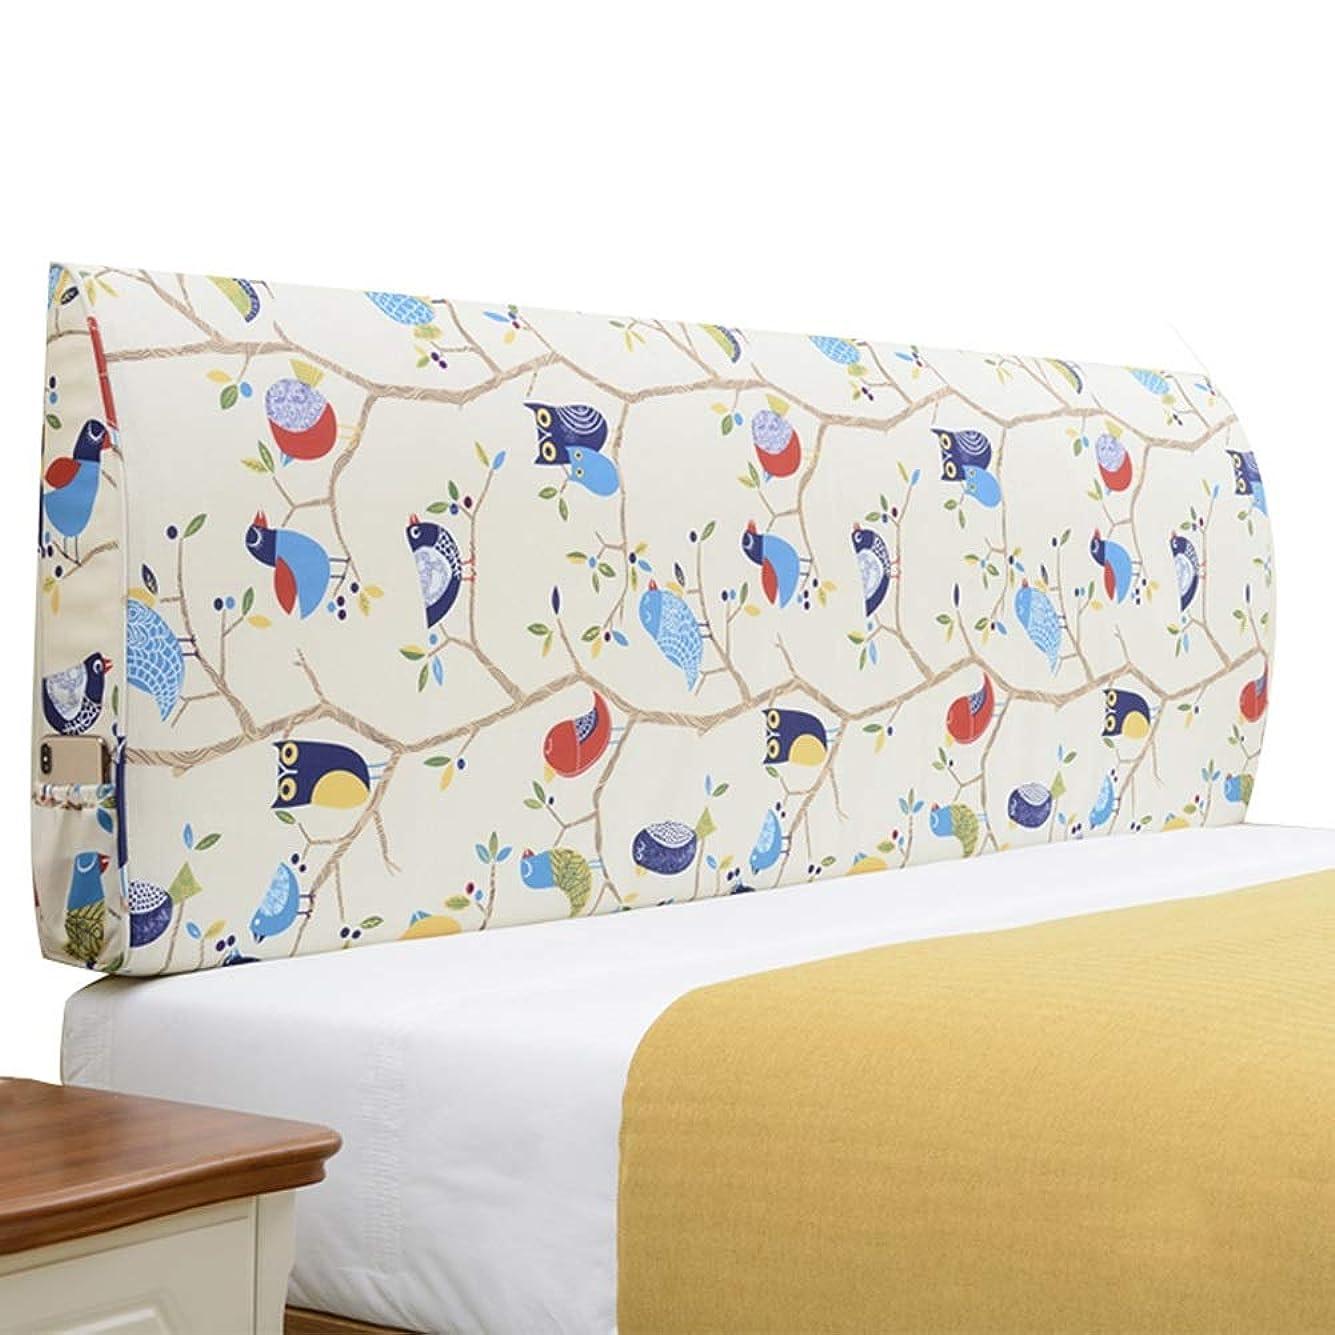 掘るカバレッジサミットLINLINZ クションベッドの背もたれ サイドポケット金属ジッパー掃除が簡単しわになりにくい伸縮性が良い耐摩耗性、8色、12サイズ (Color : A, Size : 140X10X55cm)